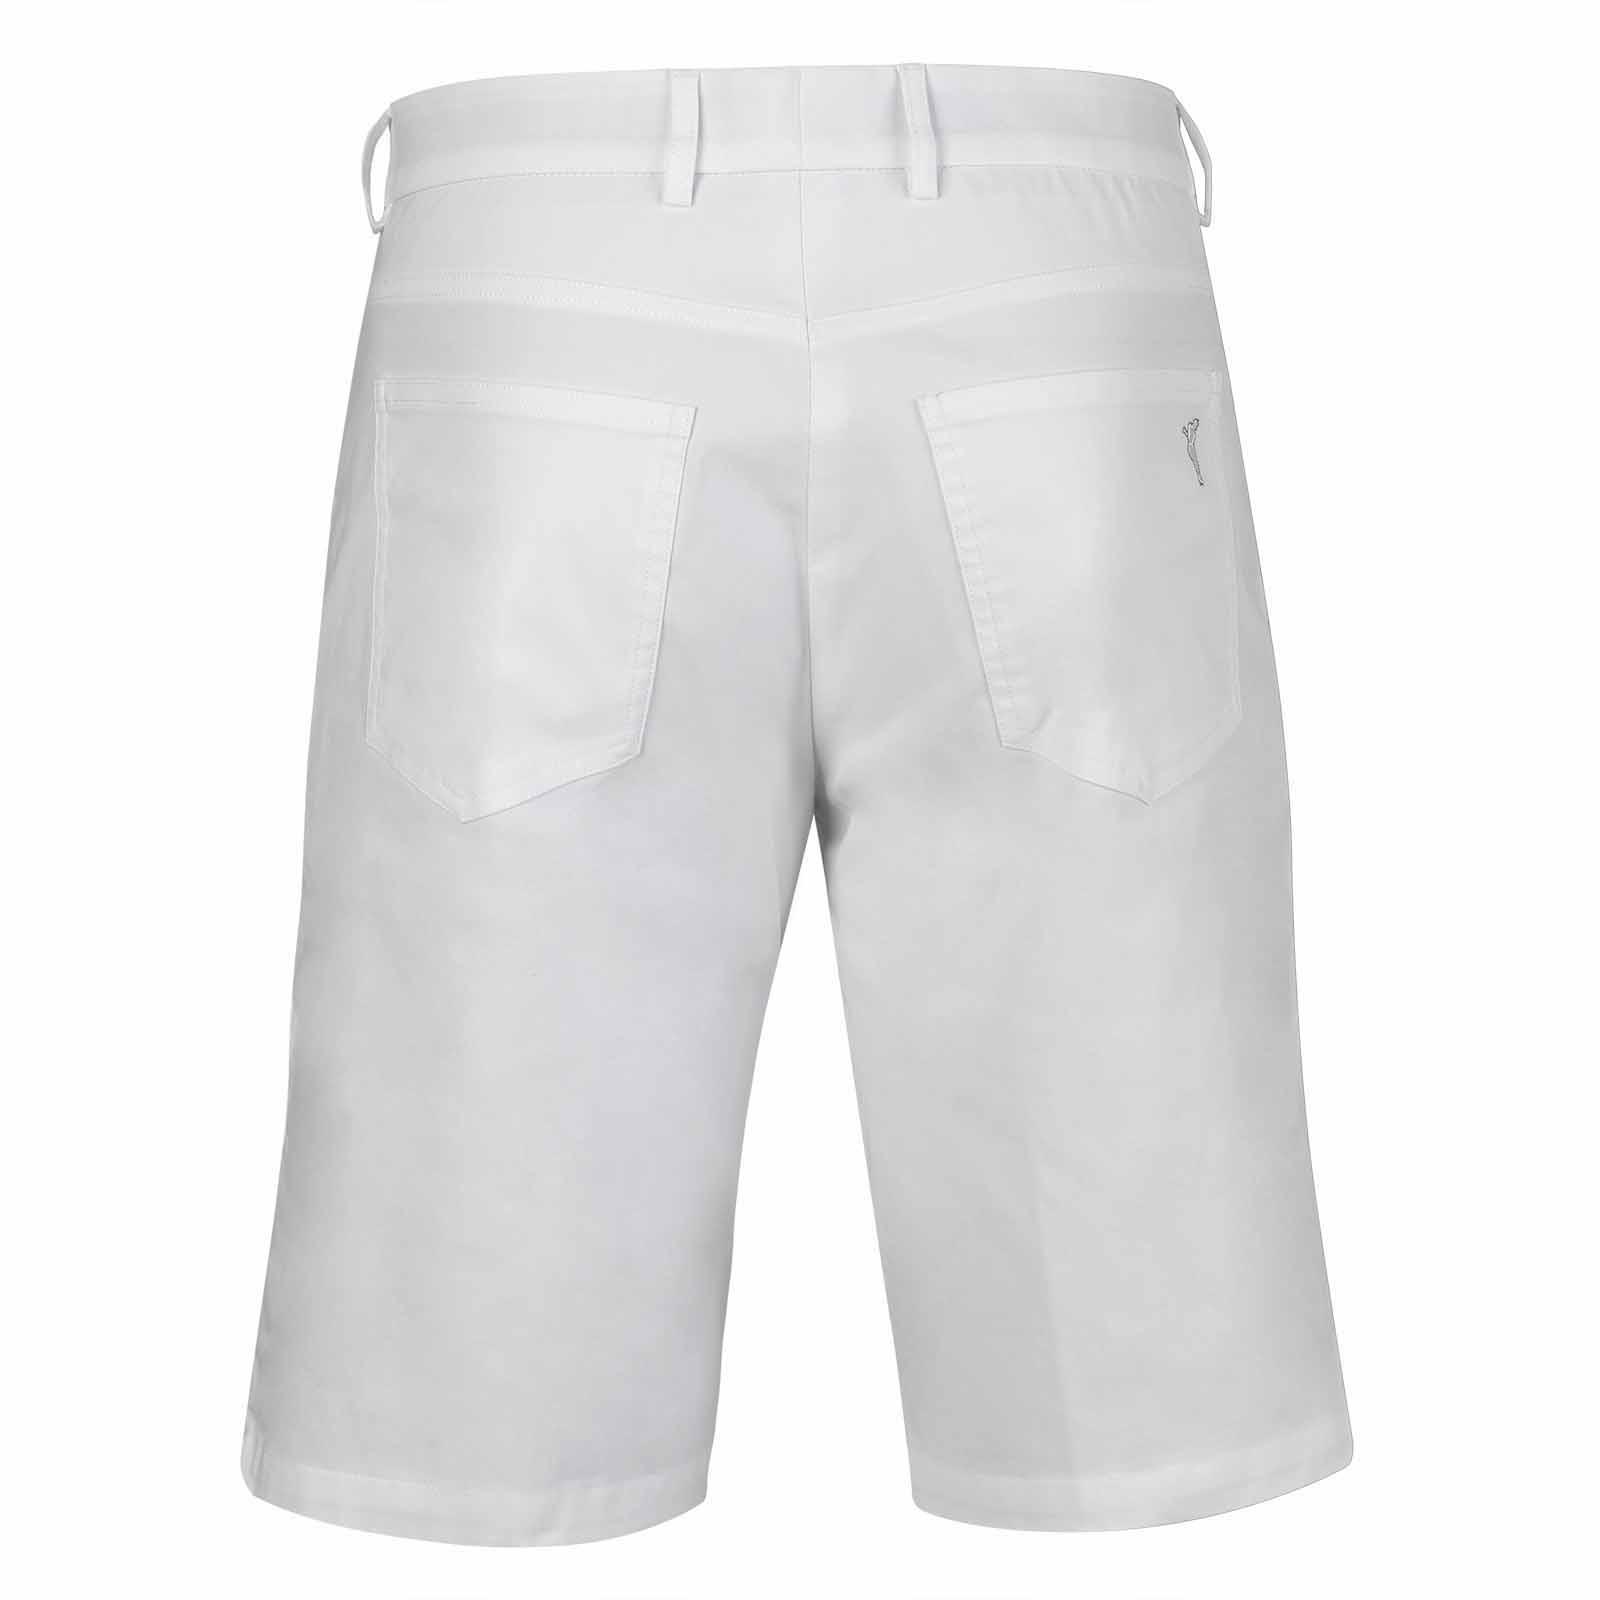 Herren Golf Bermuda mit Sonnenschutz und Stretch Komfort aus Baumwoll-Mix